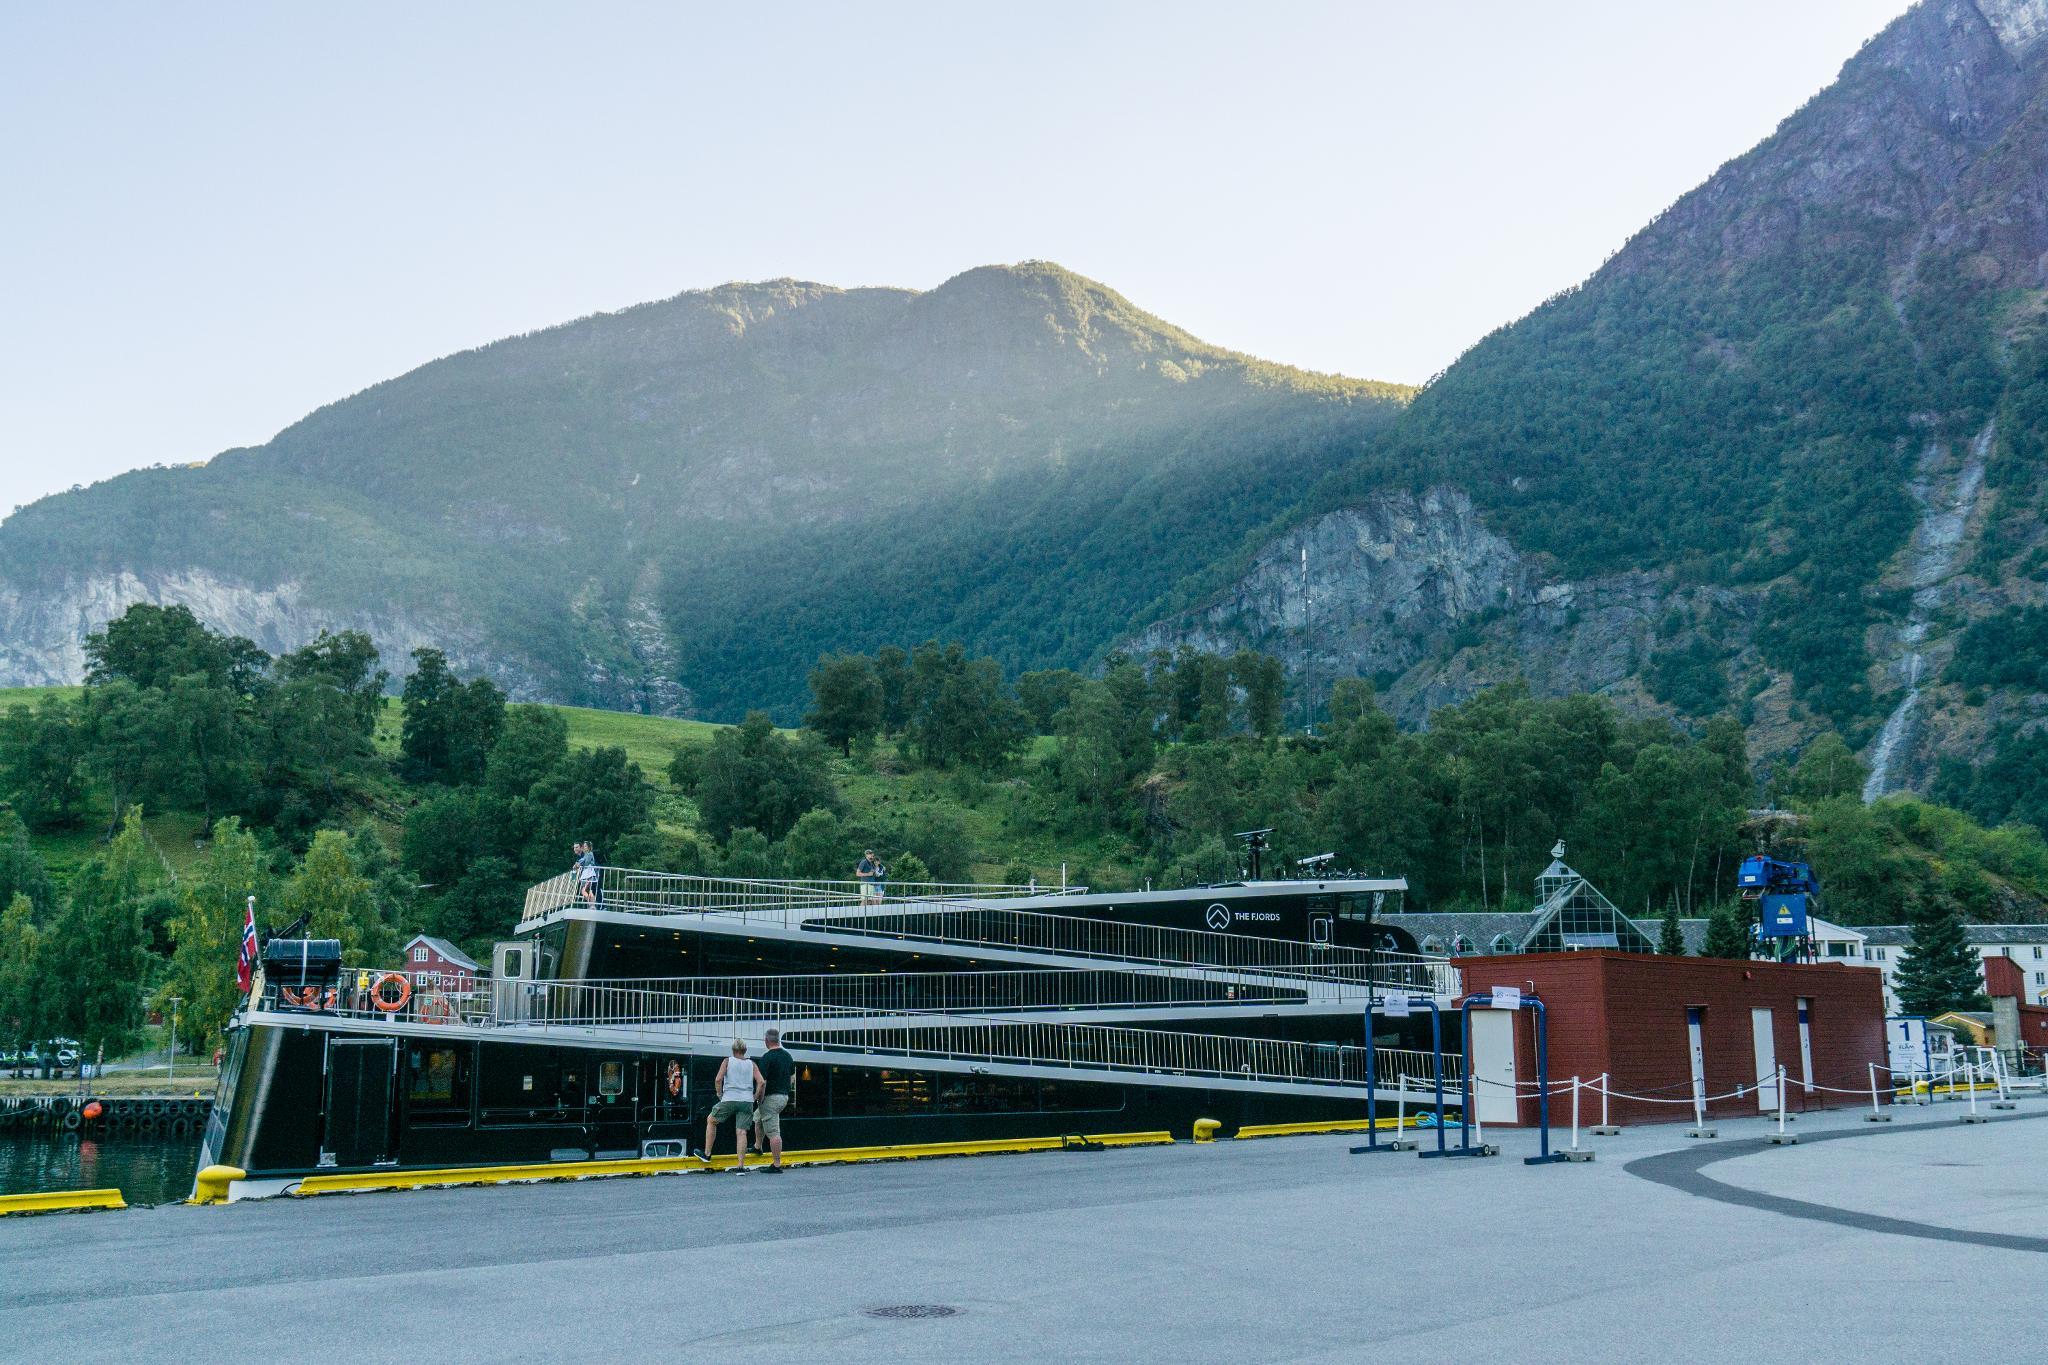 【北歐景點】Flåm 弗洛姆小鎮 — 挪威縮影的重要轉運站 (Flåm Camping與松恩峽灣渡輪介紹) 13